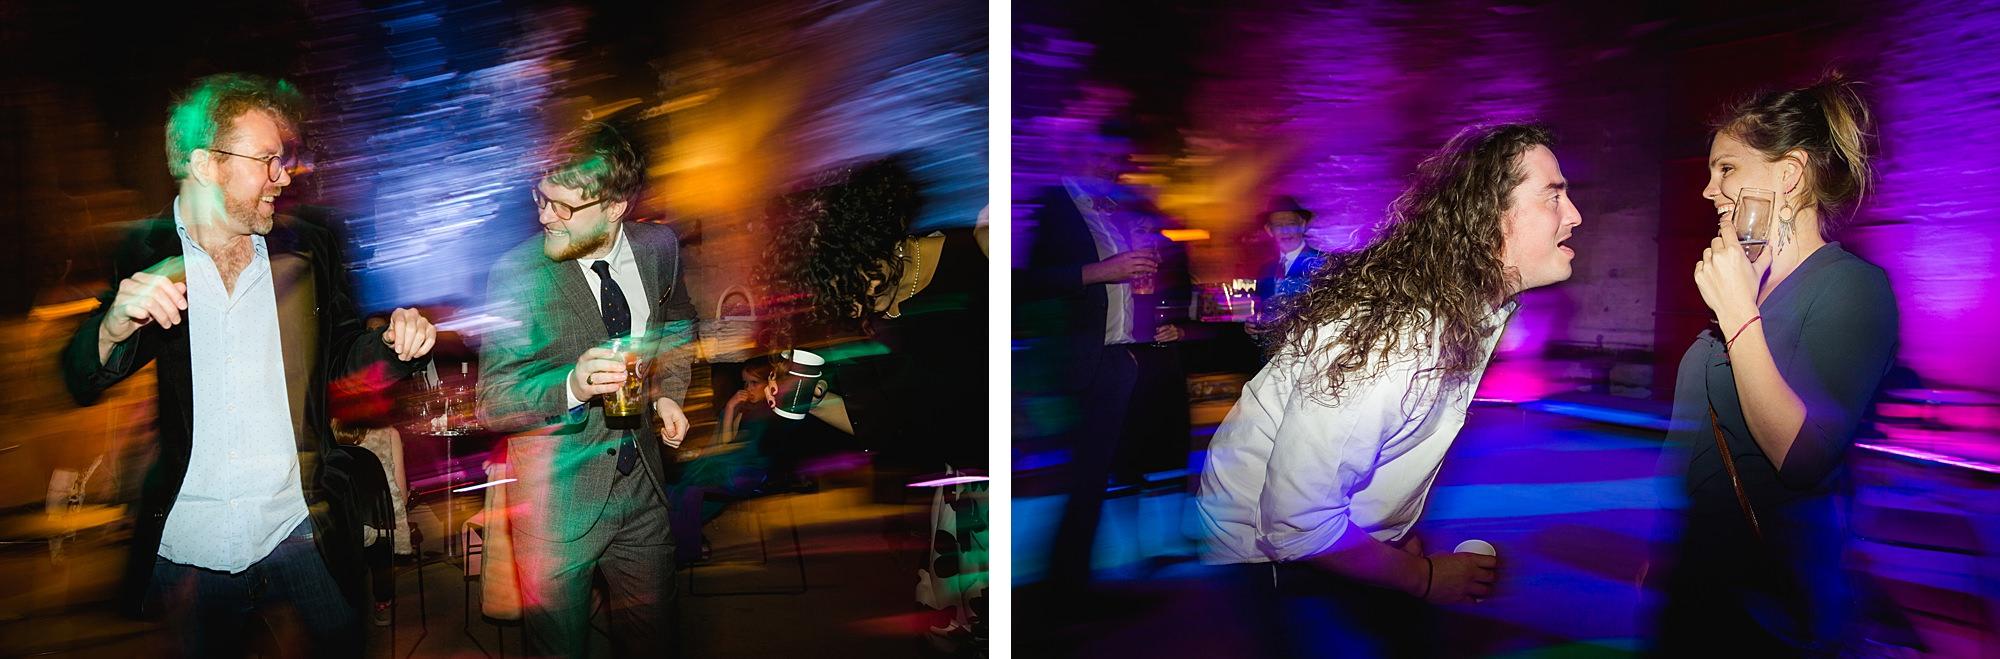 Brunel museum wedding guests dancing